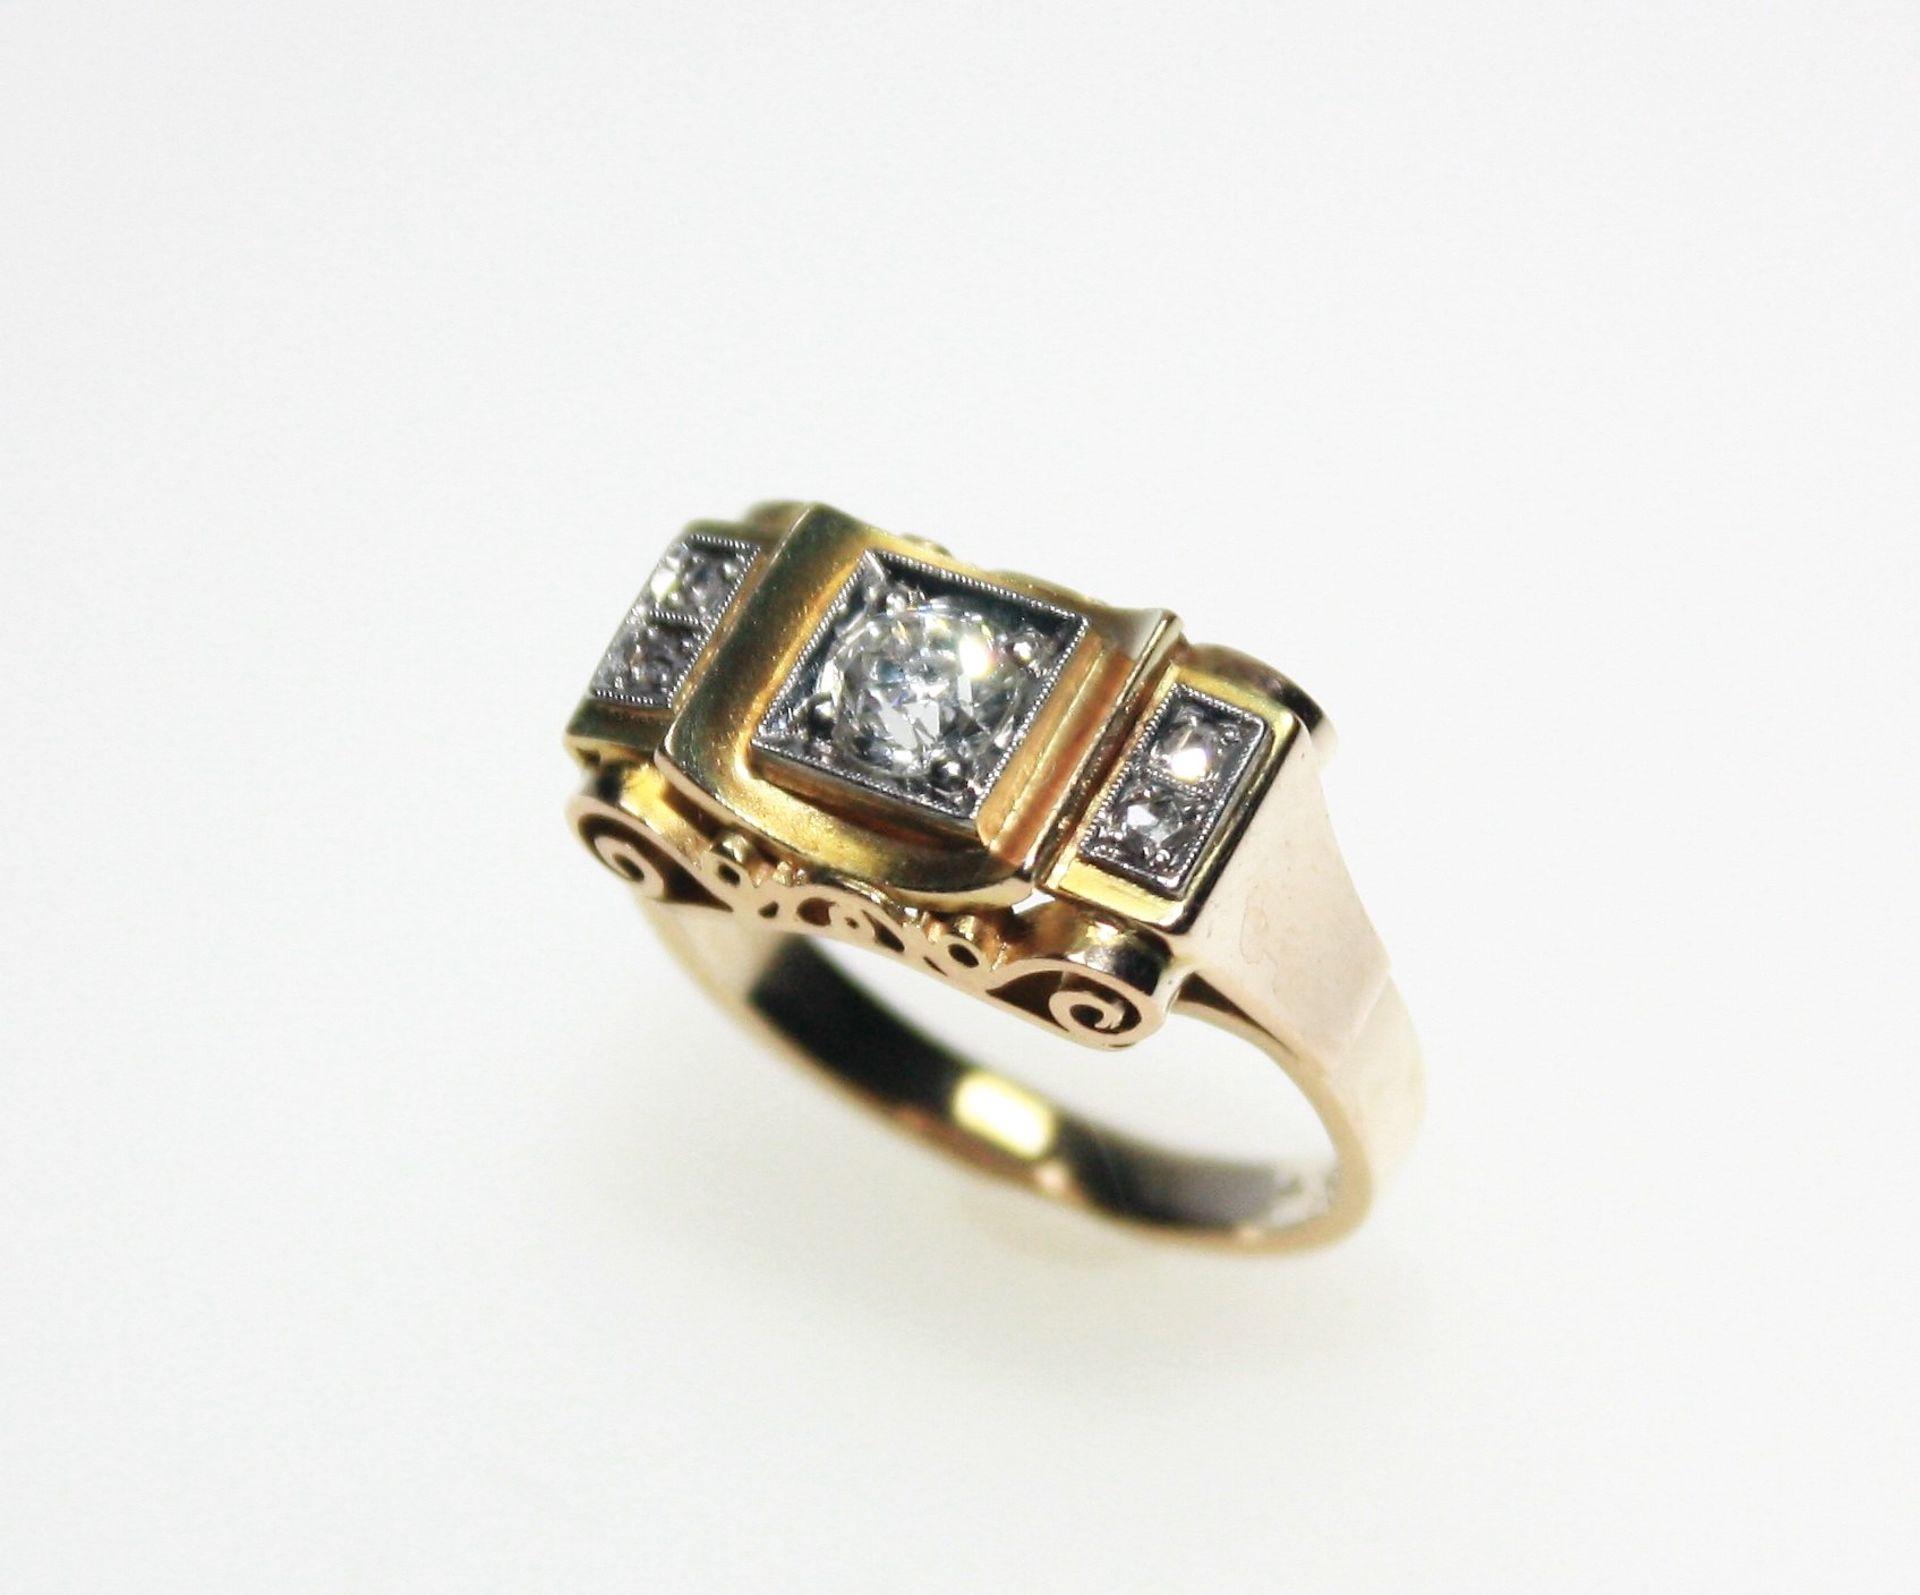 Älterer, handgearbeiteter Ring 585/f gest., zur Mitte ein Diamant in Brillant-Altschliff ca. 0,40 ct